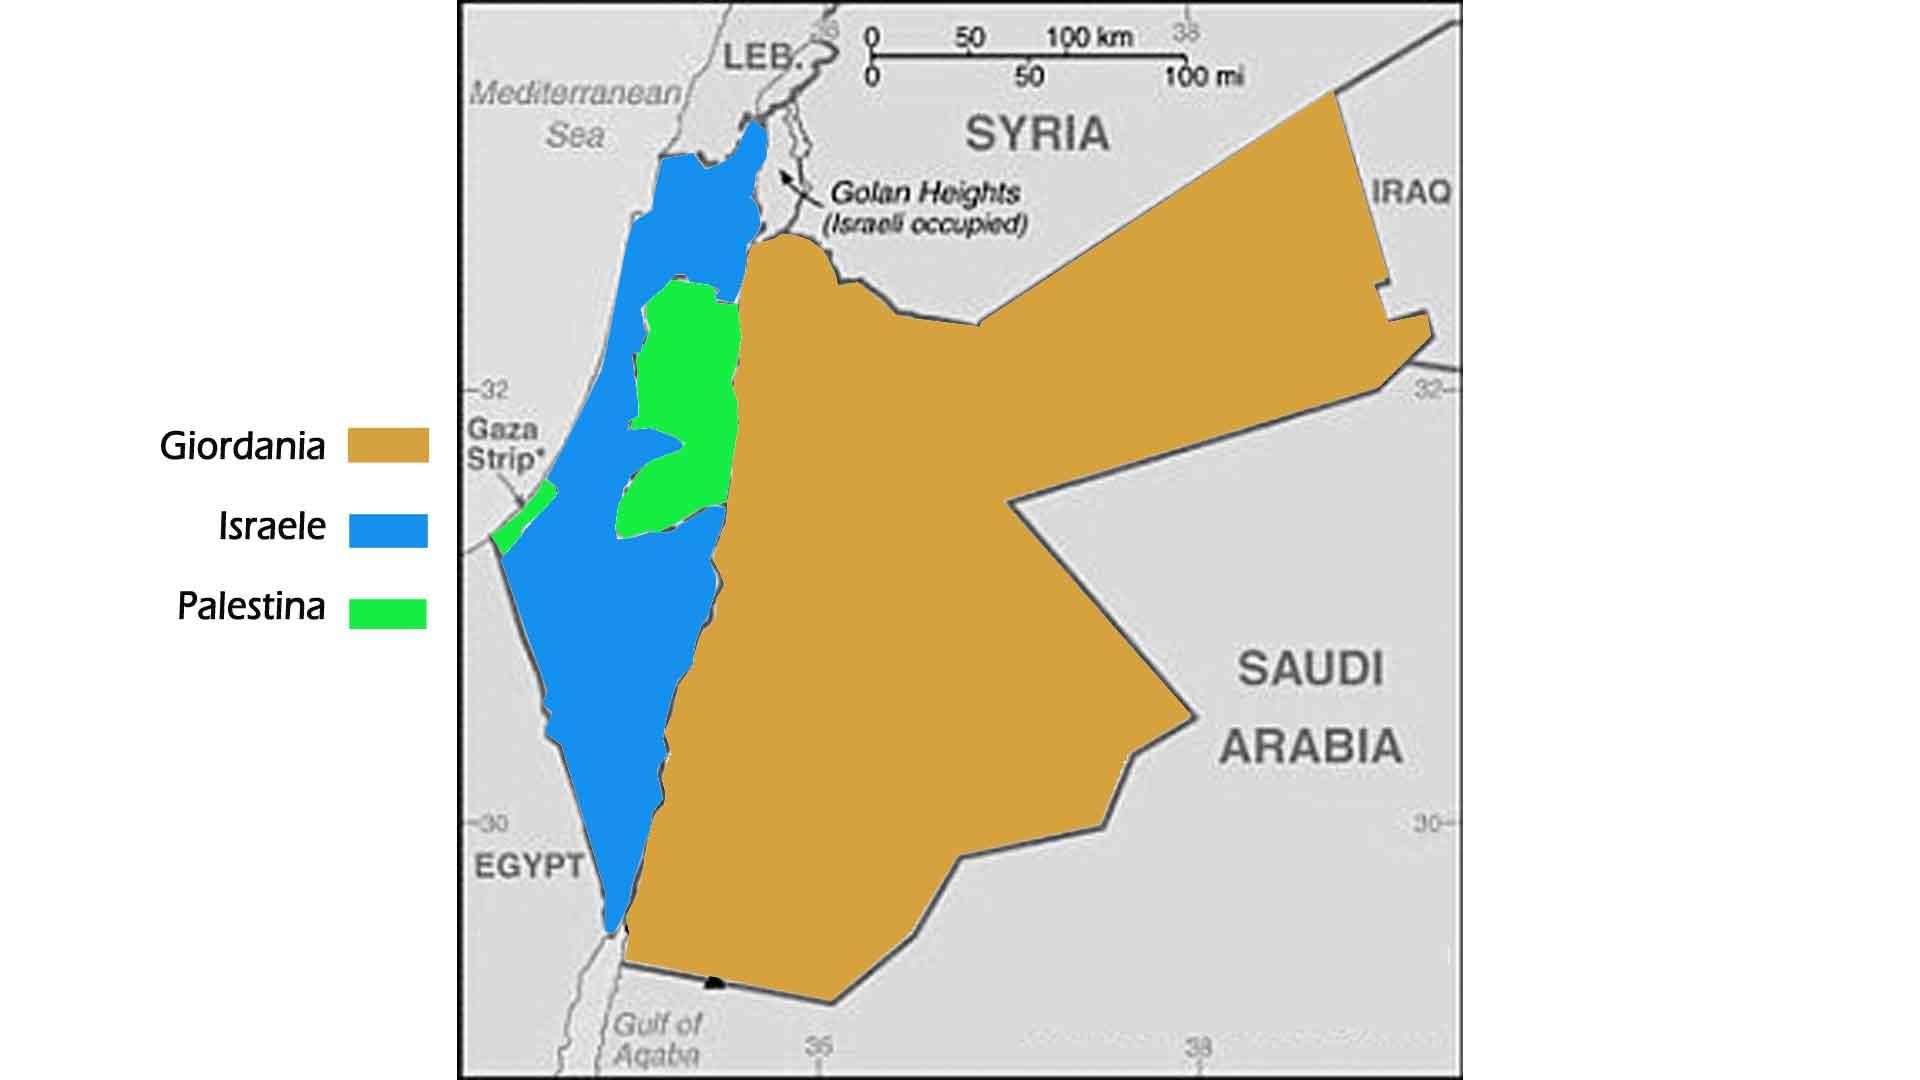 Cartina Giordania E Israele.Giordania Israele Palestina Cartina Viaggio 2019 Patrizia Fabbri